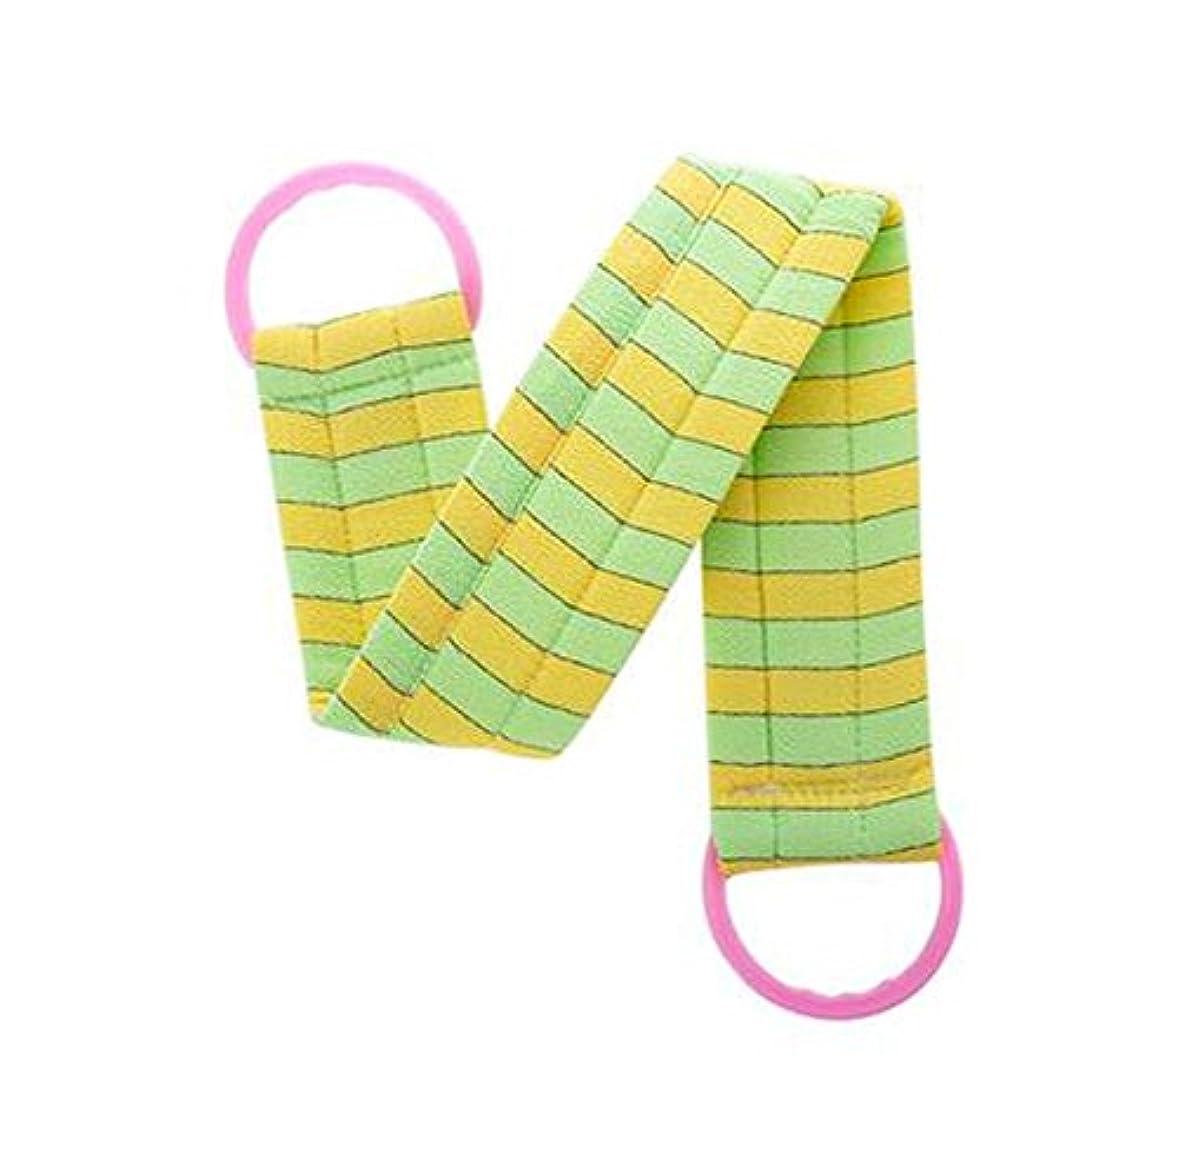 ミュウミュウ歯車凍結2枚のボディクリーニングのバスベルトタオル剥離するバスベルト、緑および黄色